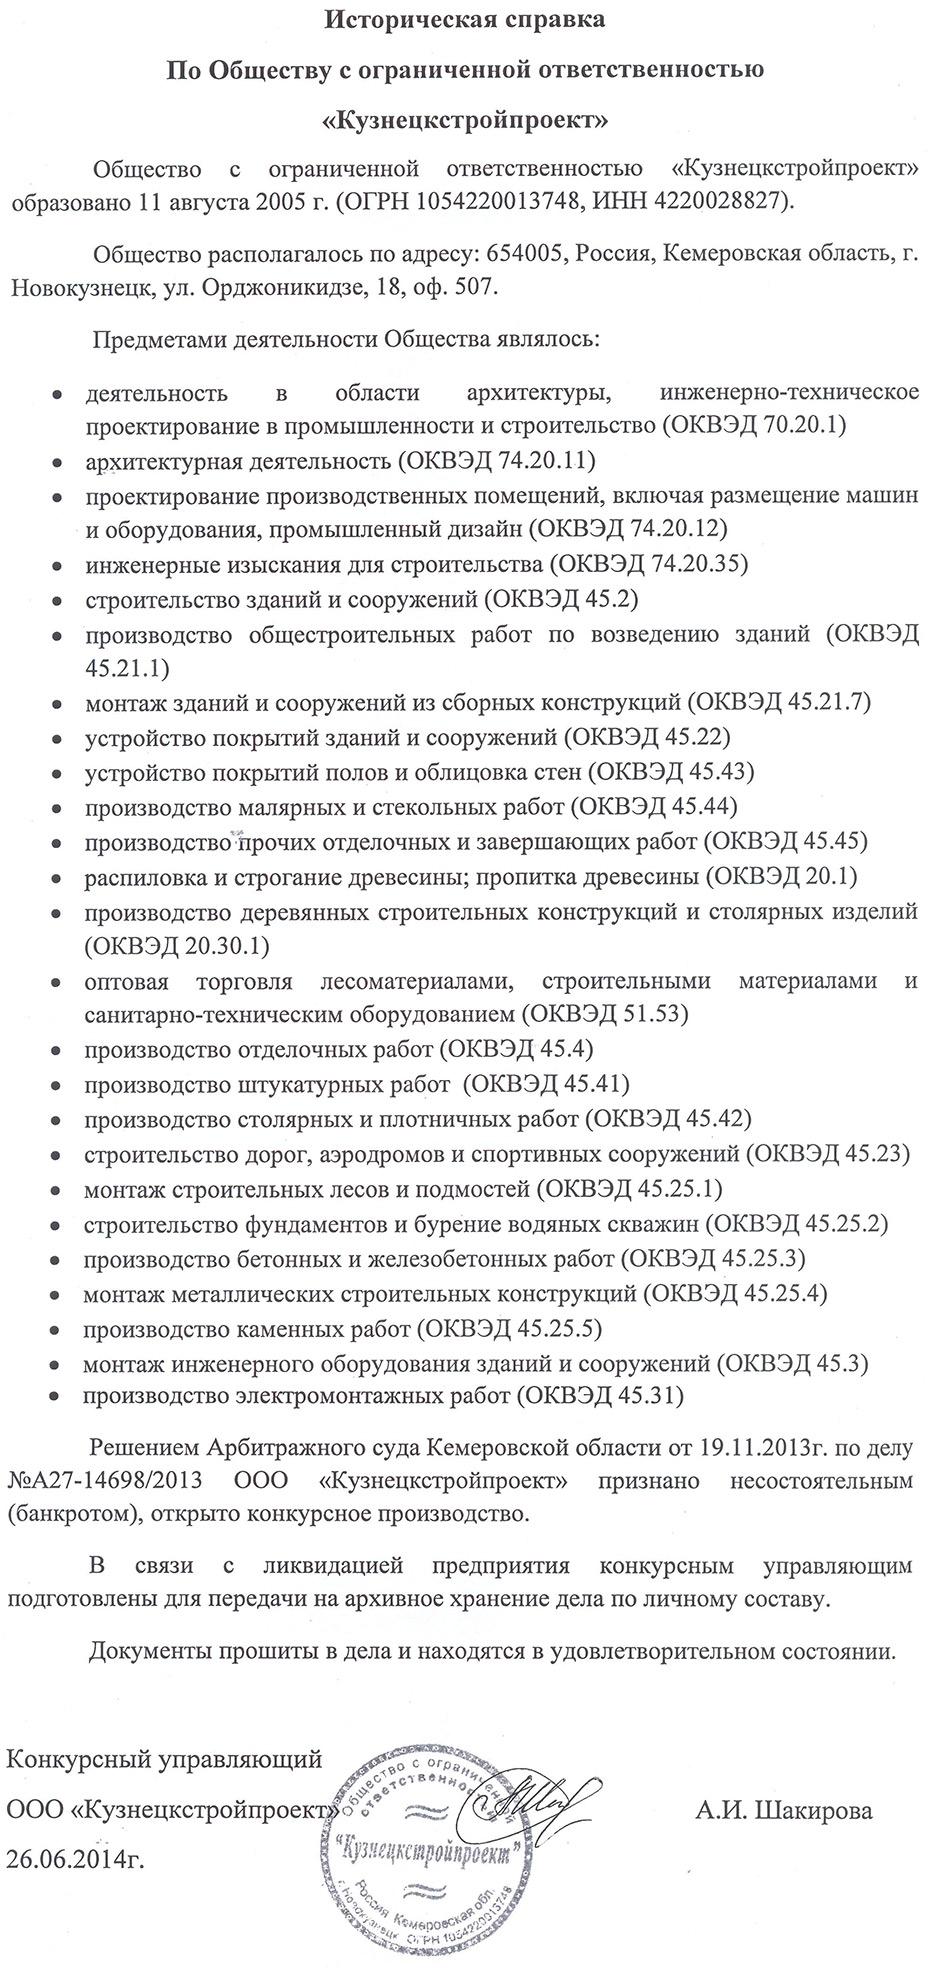 ООО «Кузнецкстройпроект»